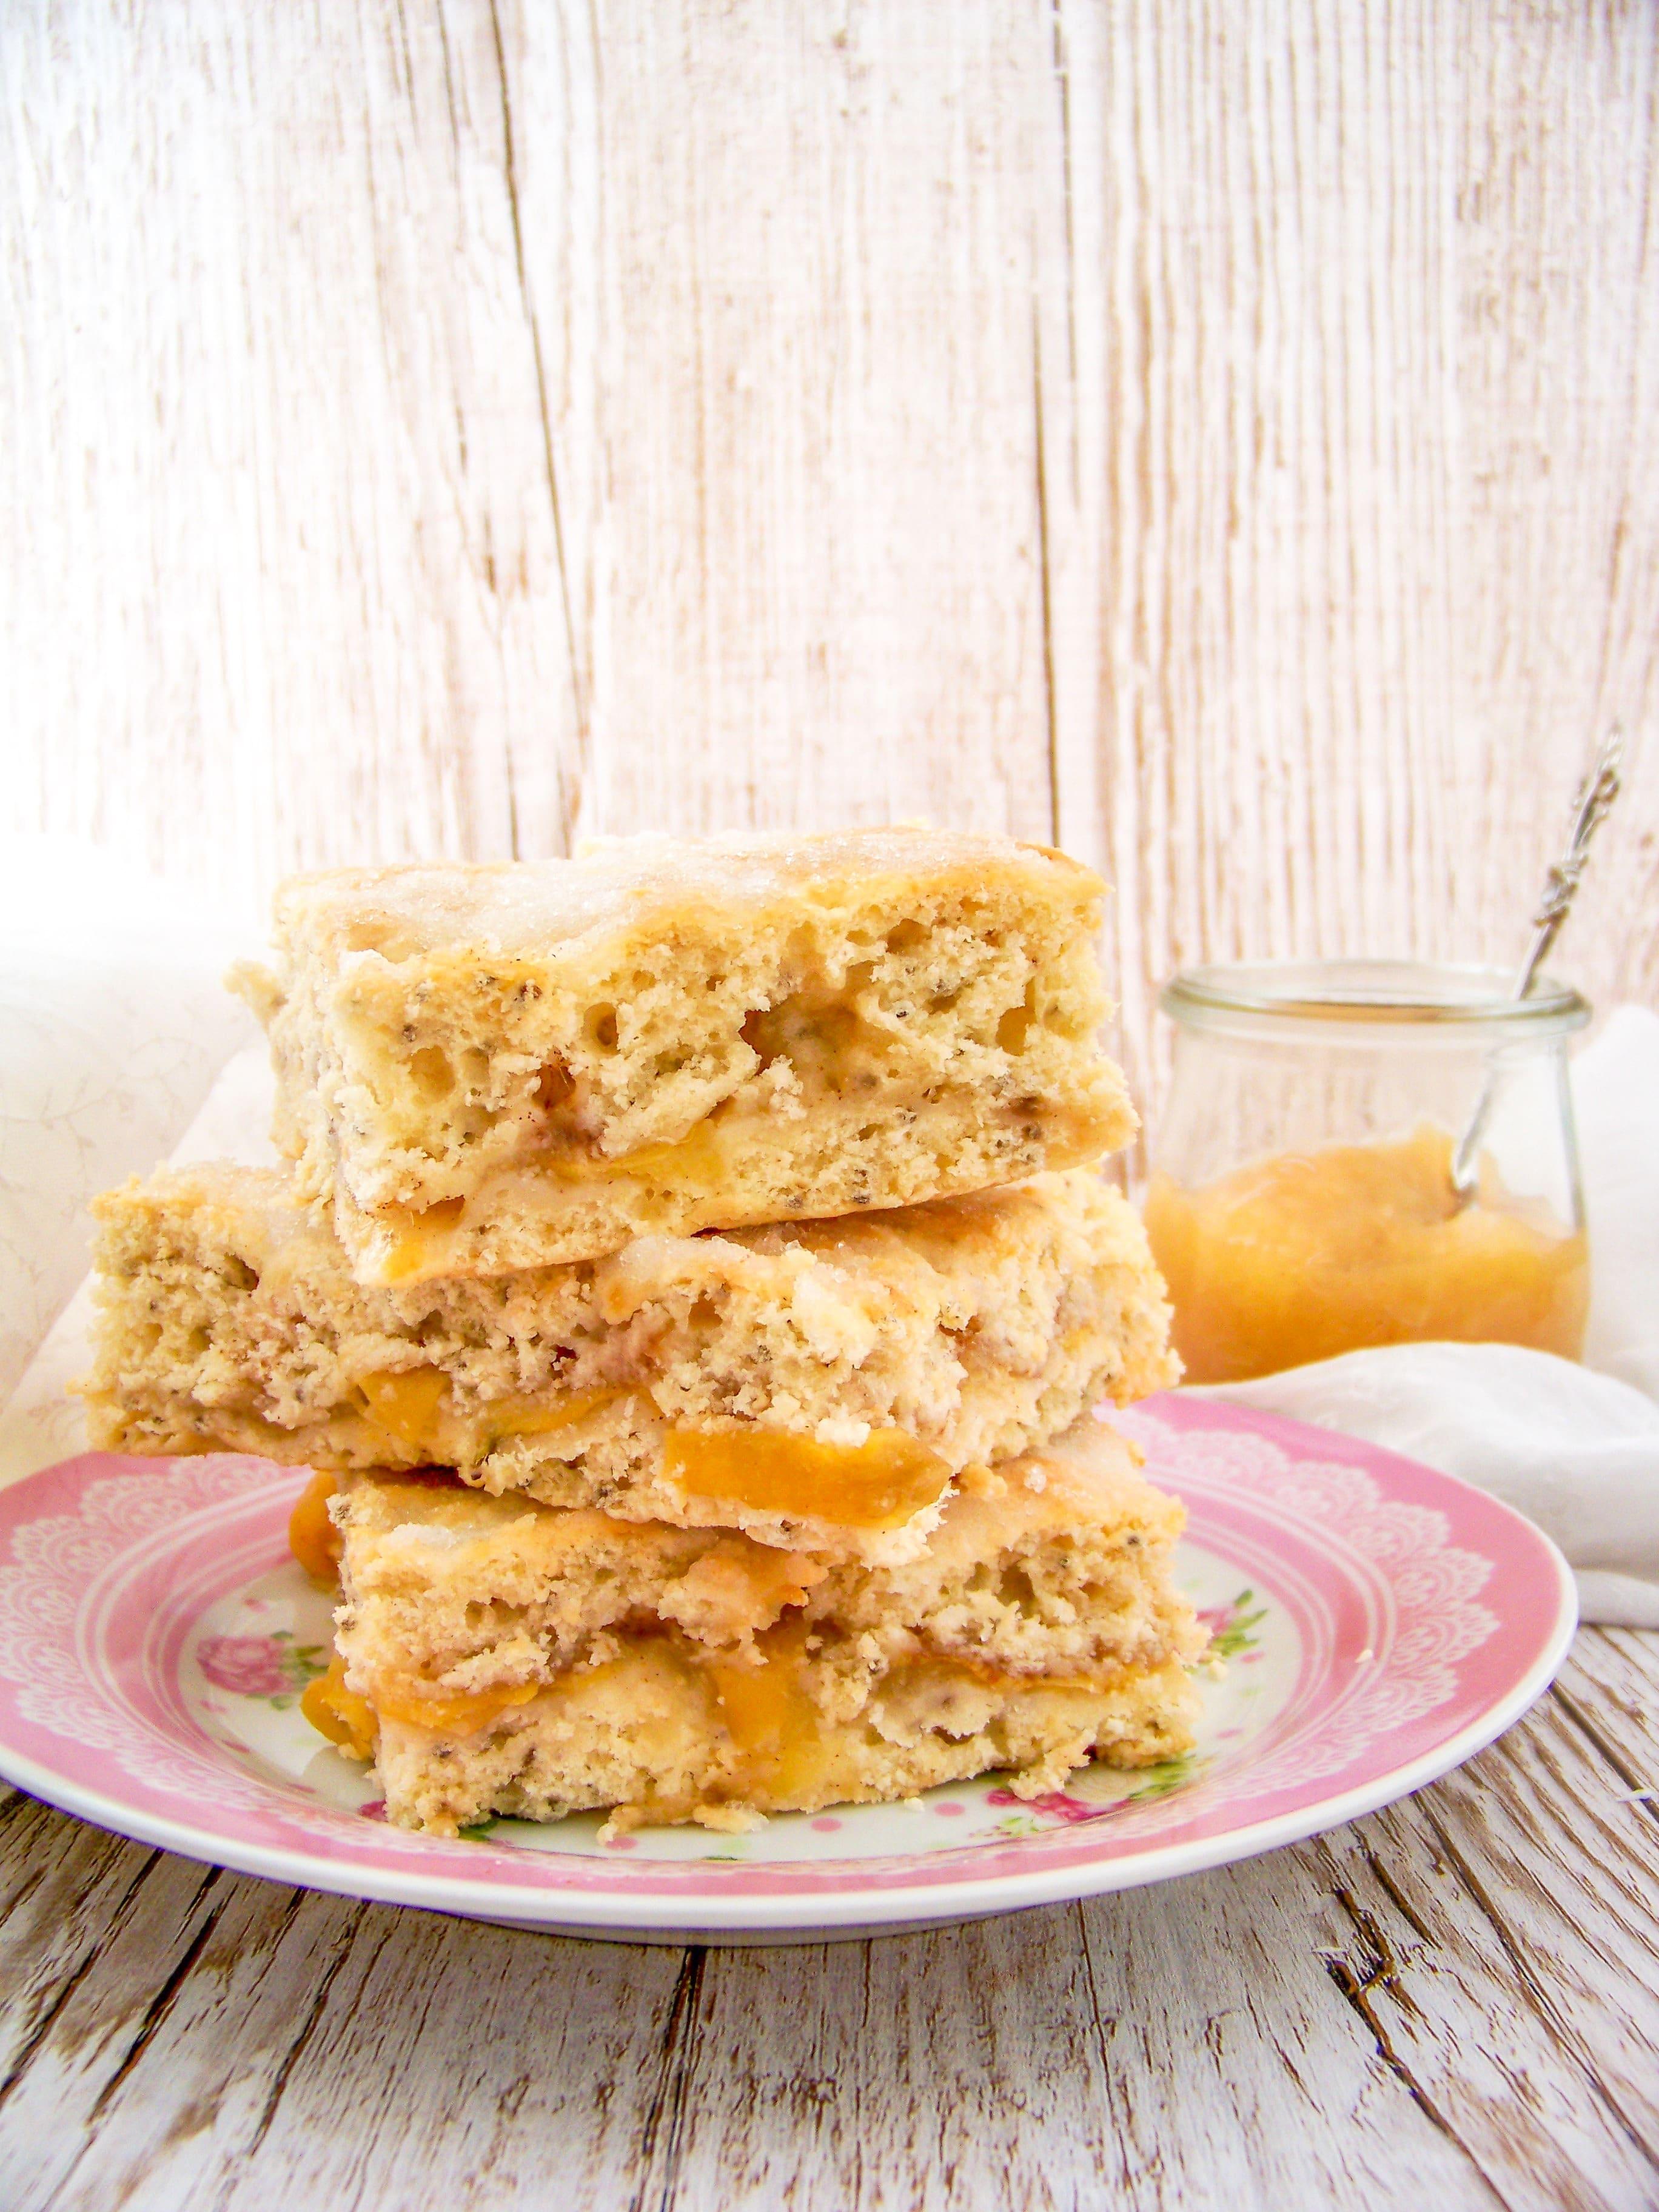 Kuchen mit Apfelmus drei Stücke übereinander gestapelt auf einem Teller